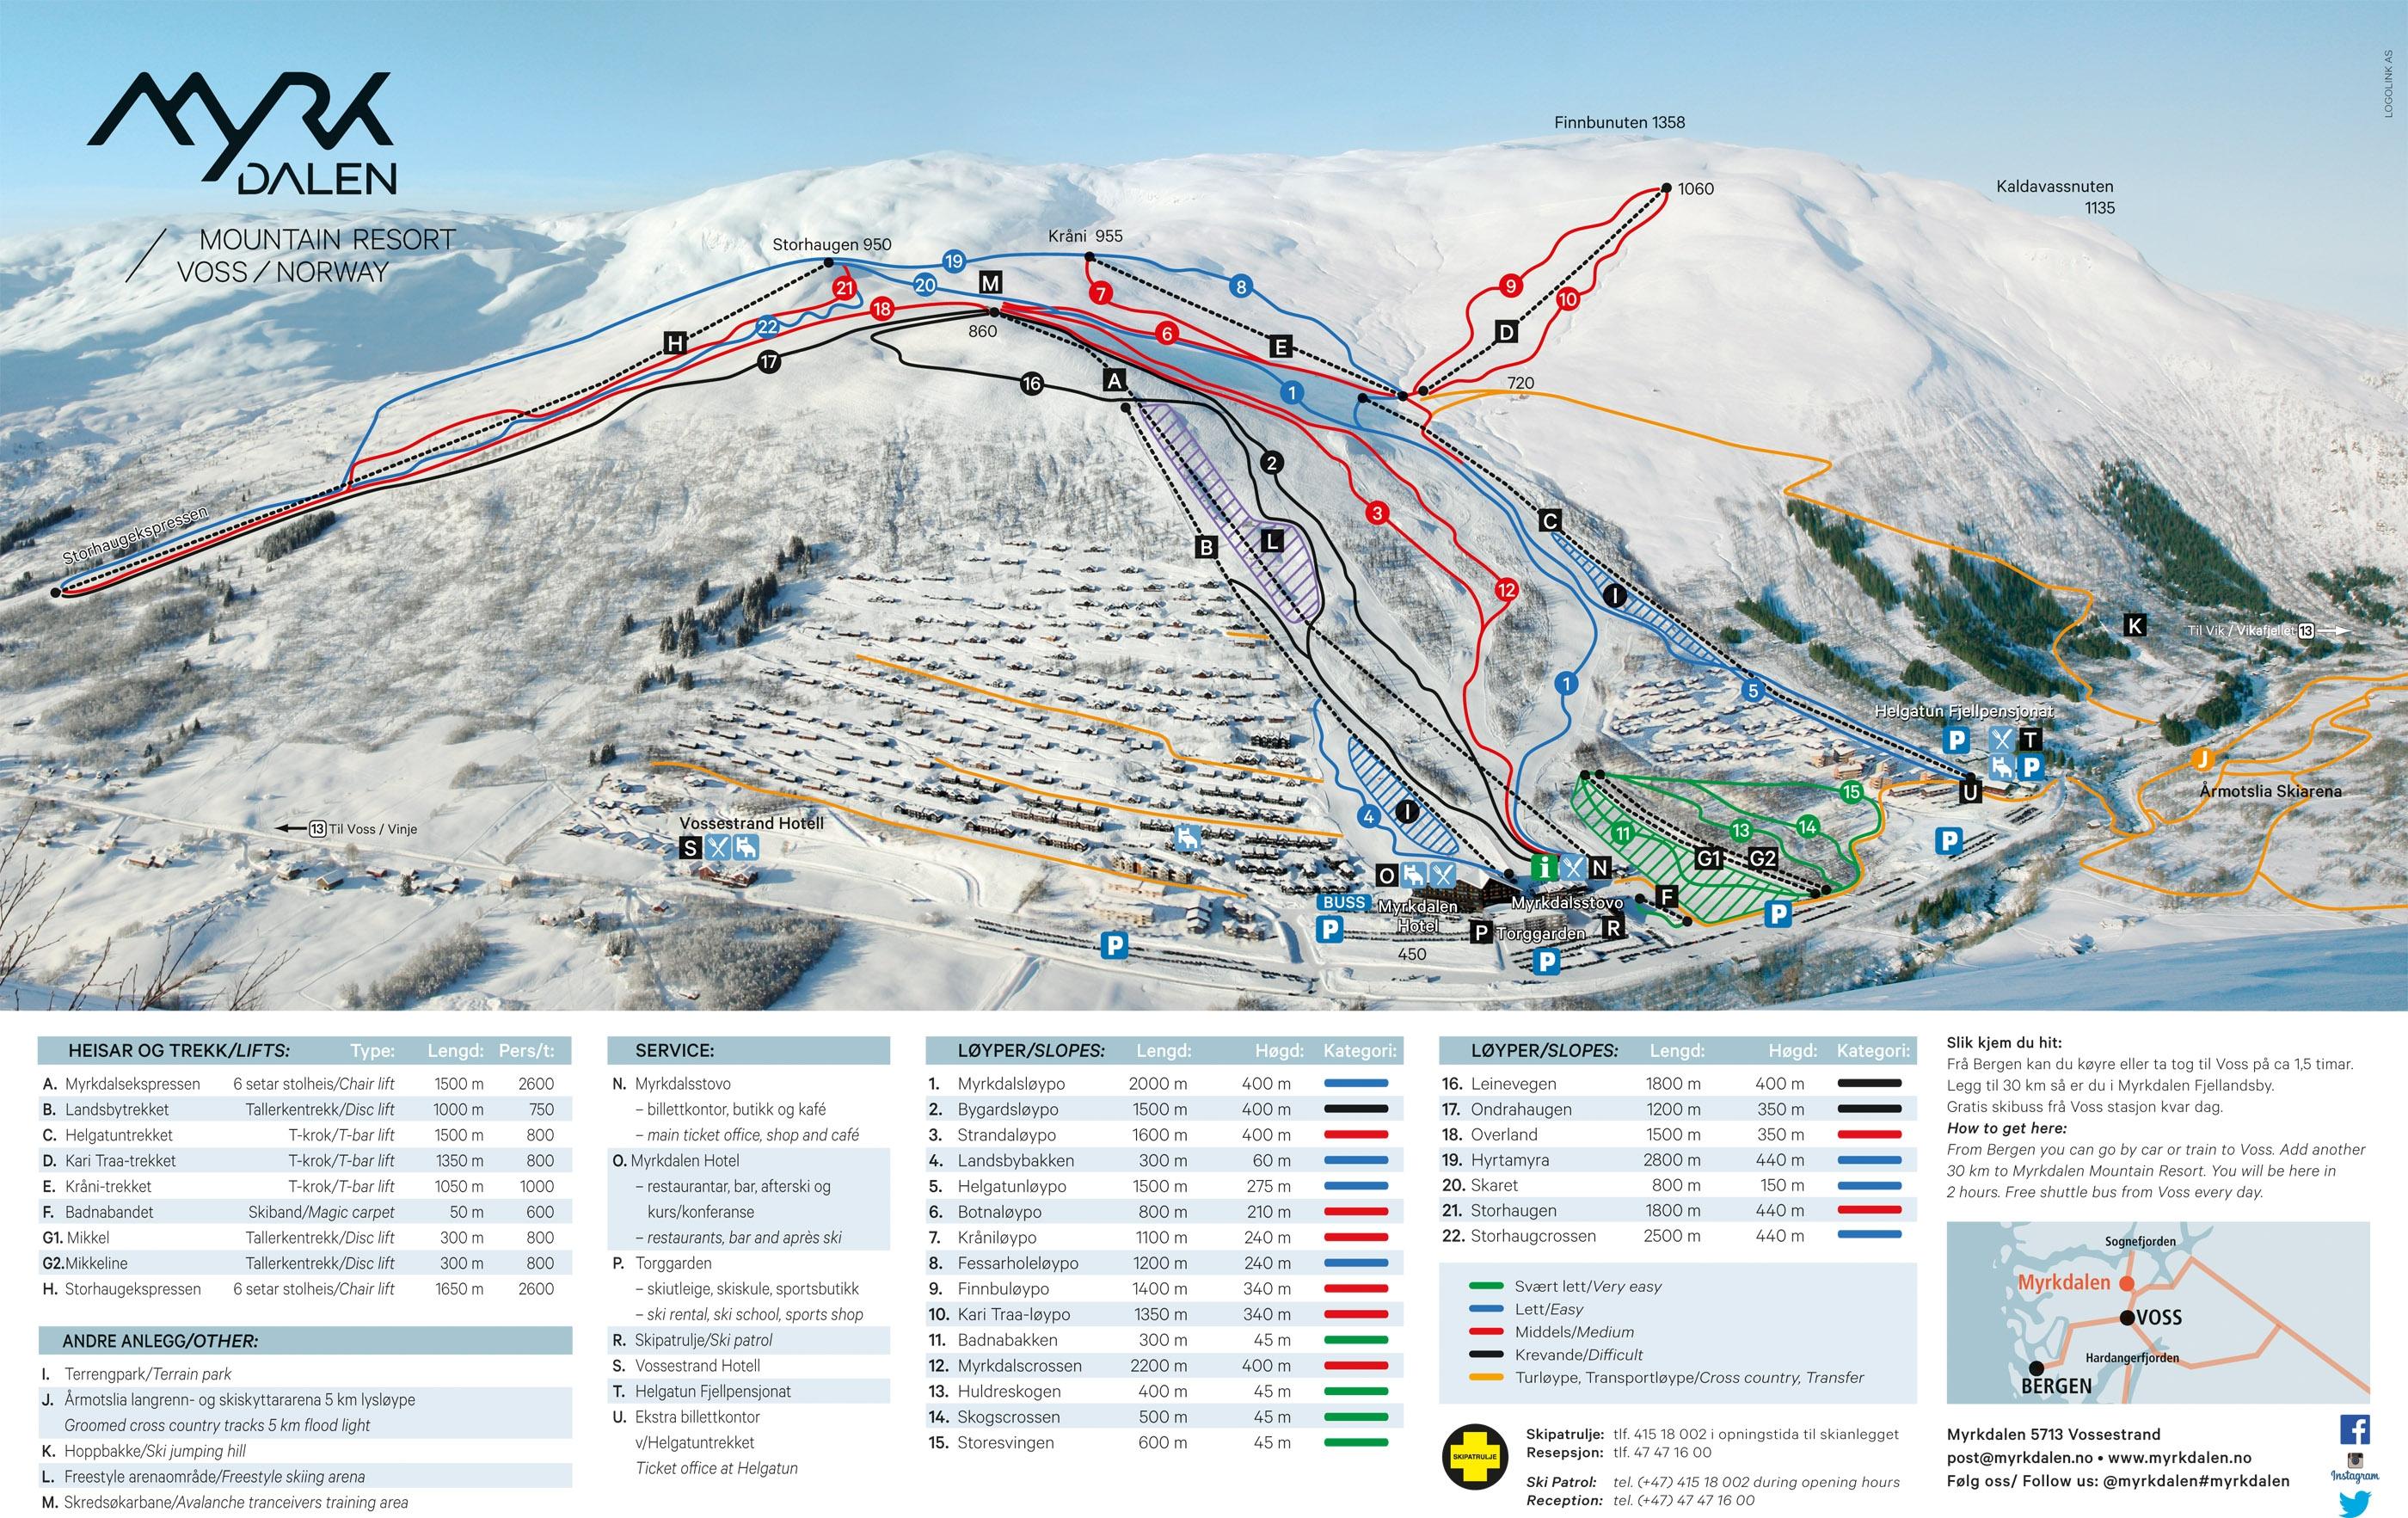 West Noorwegen Wintersport Live Accommodaties En Informatie